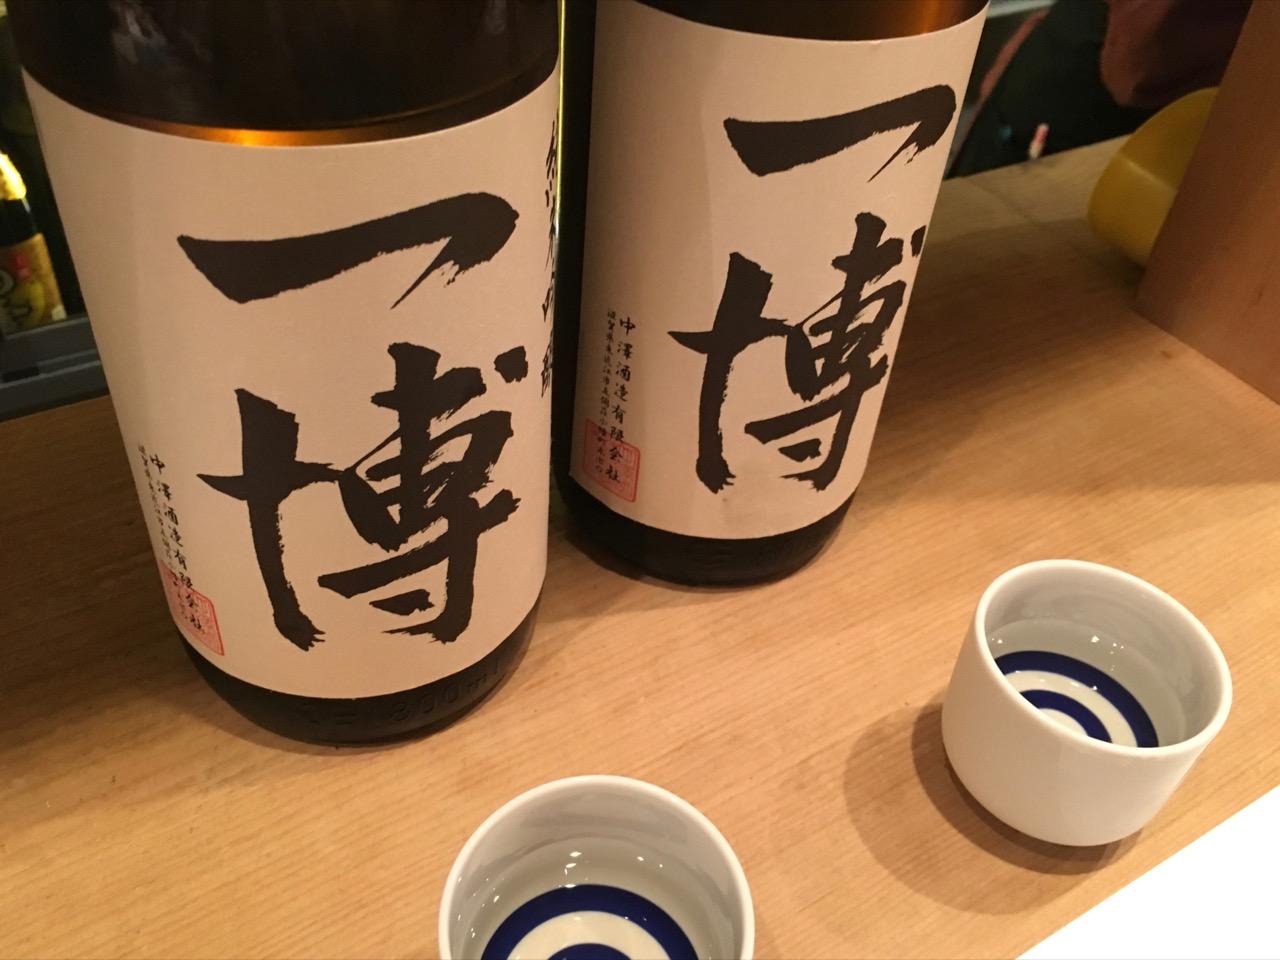 一博 タンク違い飲み比べ|日本酒テイスティングノート